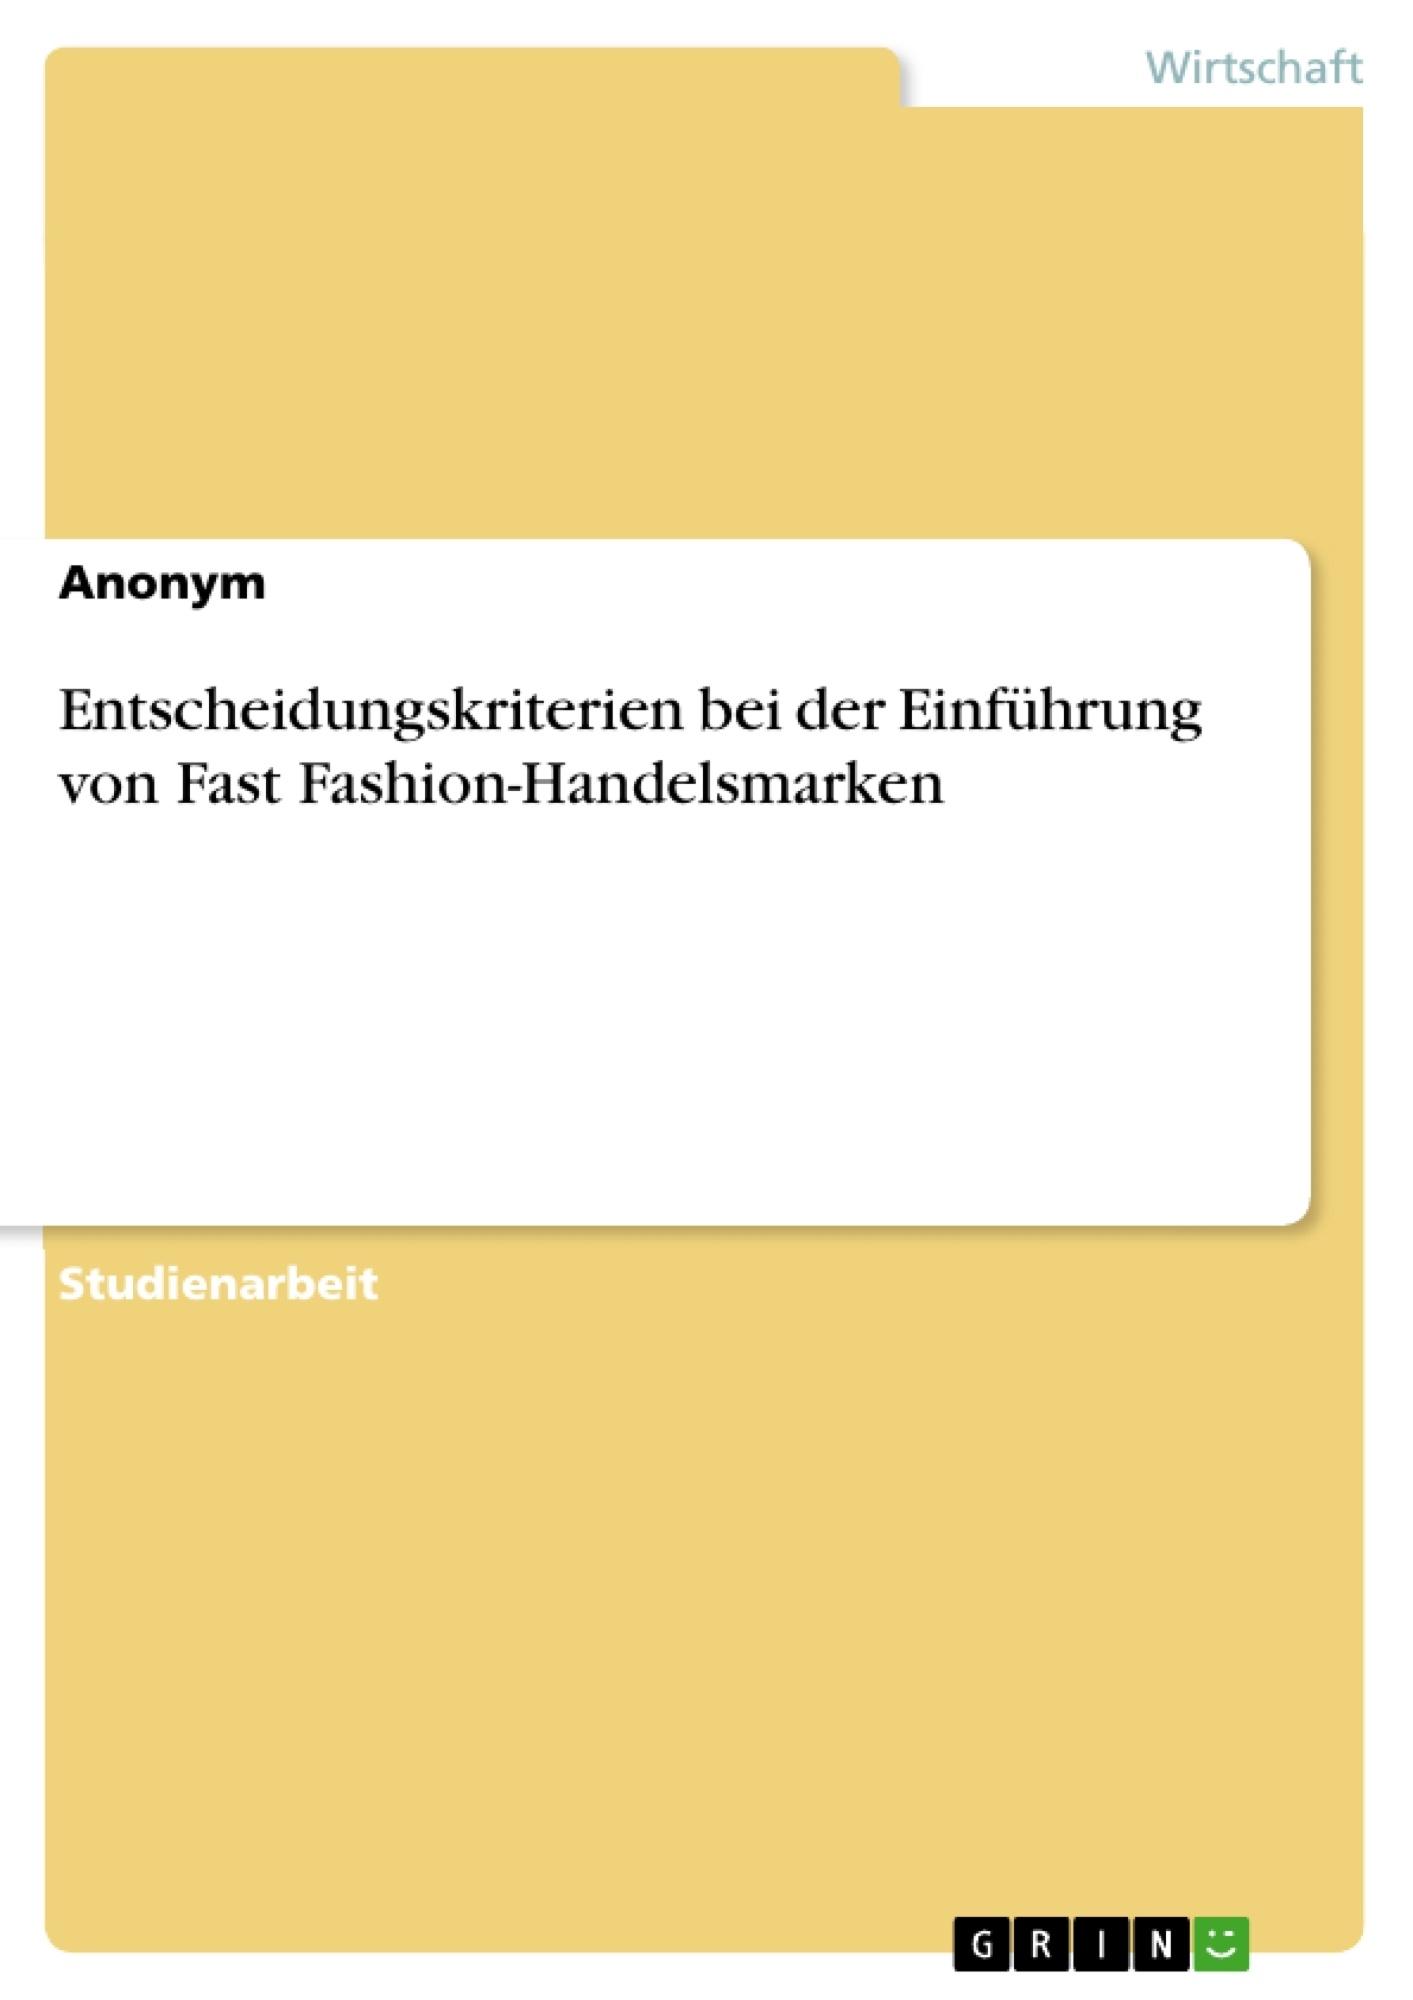 Titel: Entscheidungskriterien bei der Einführung von Fast Fashion-Handelsmarken